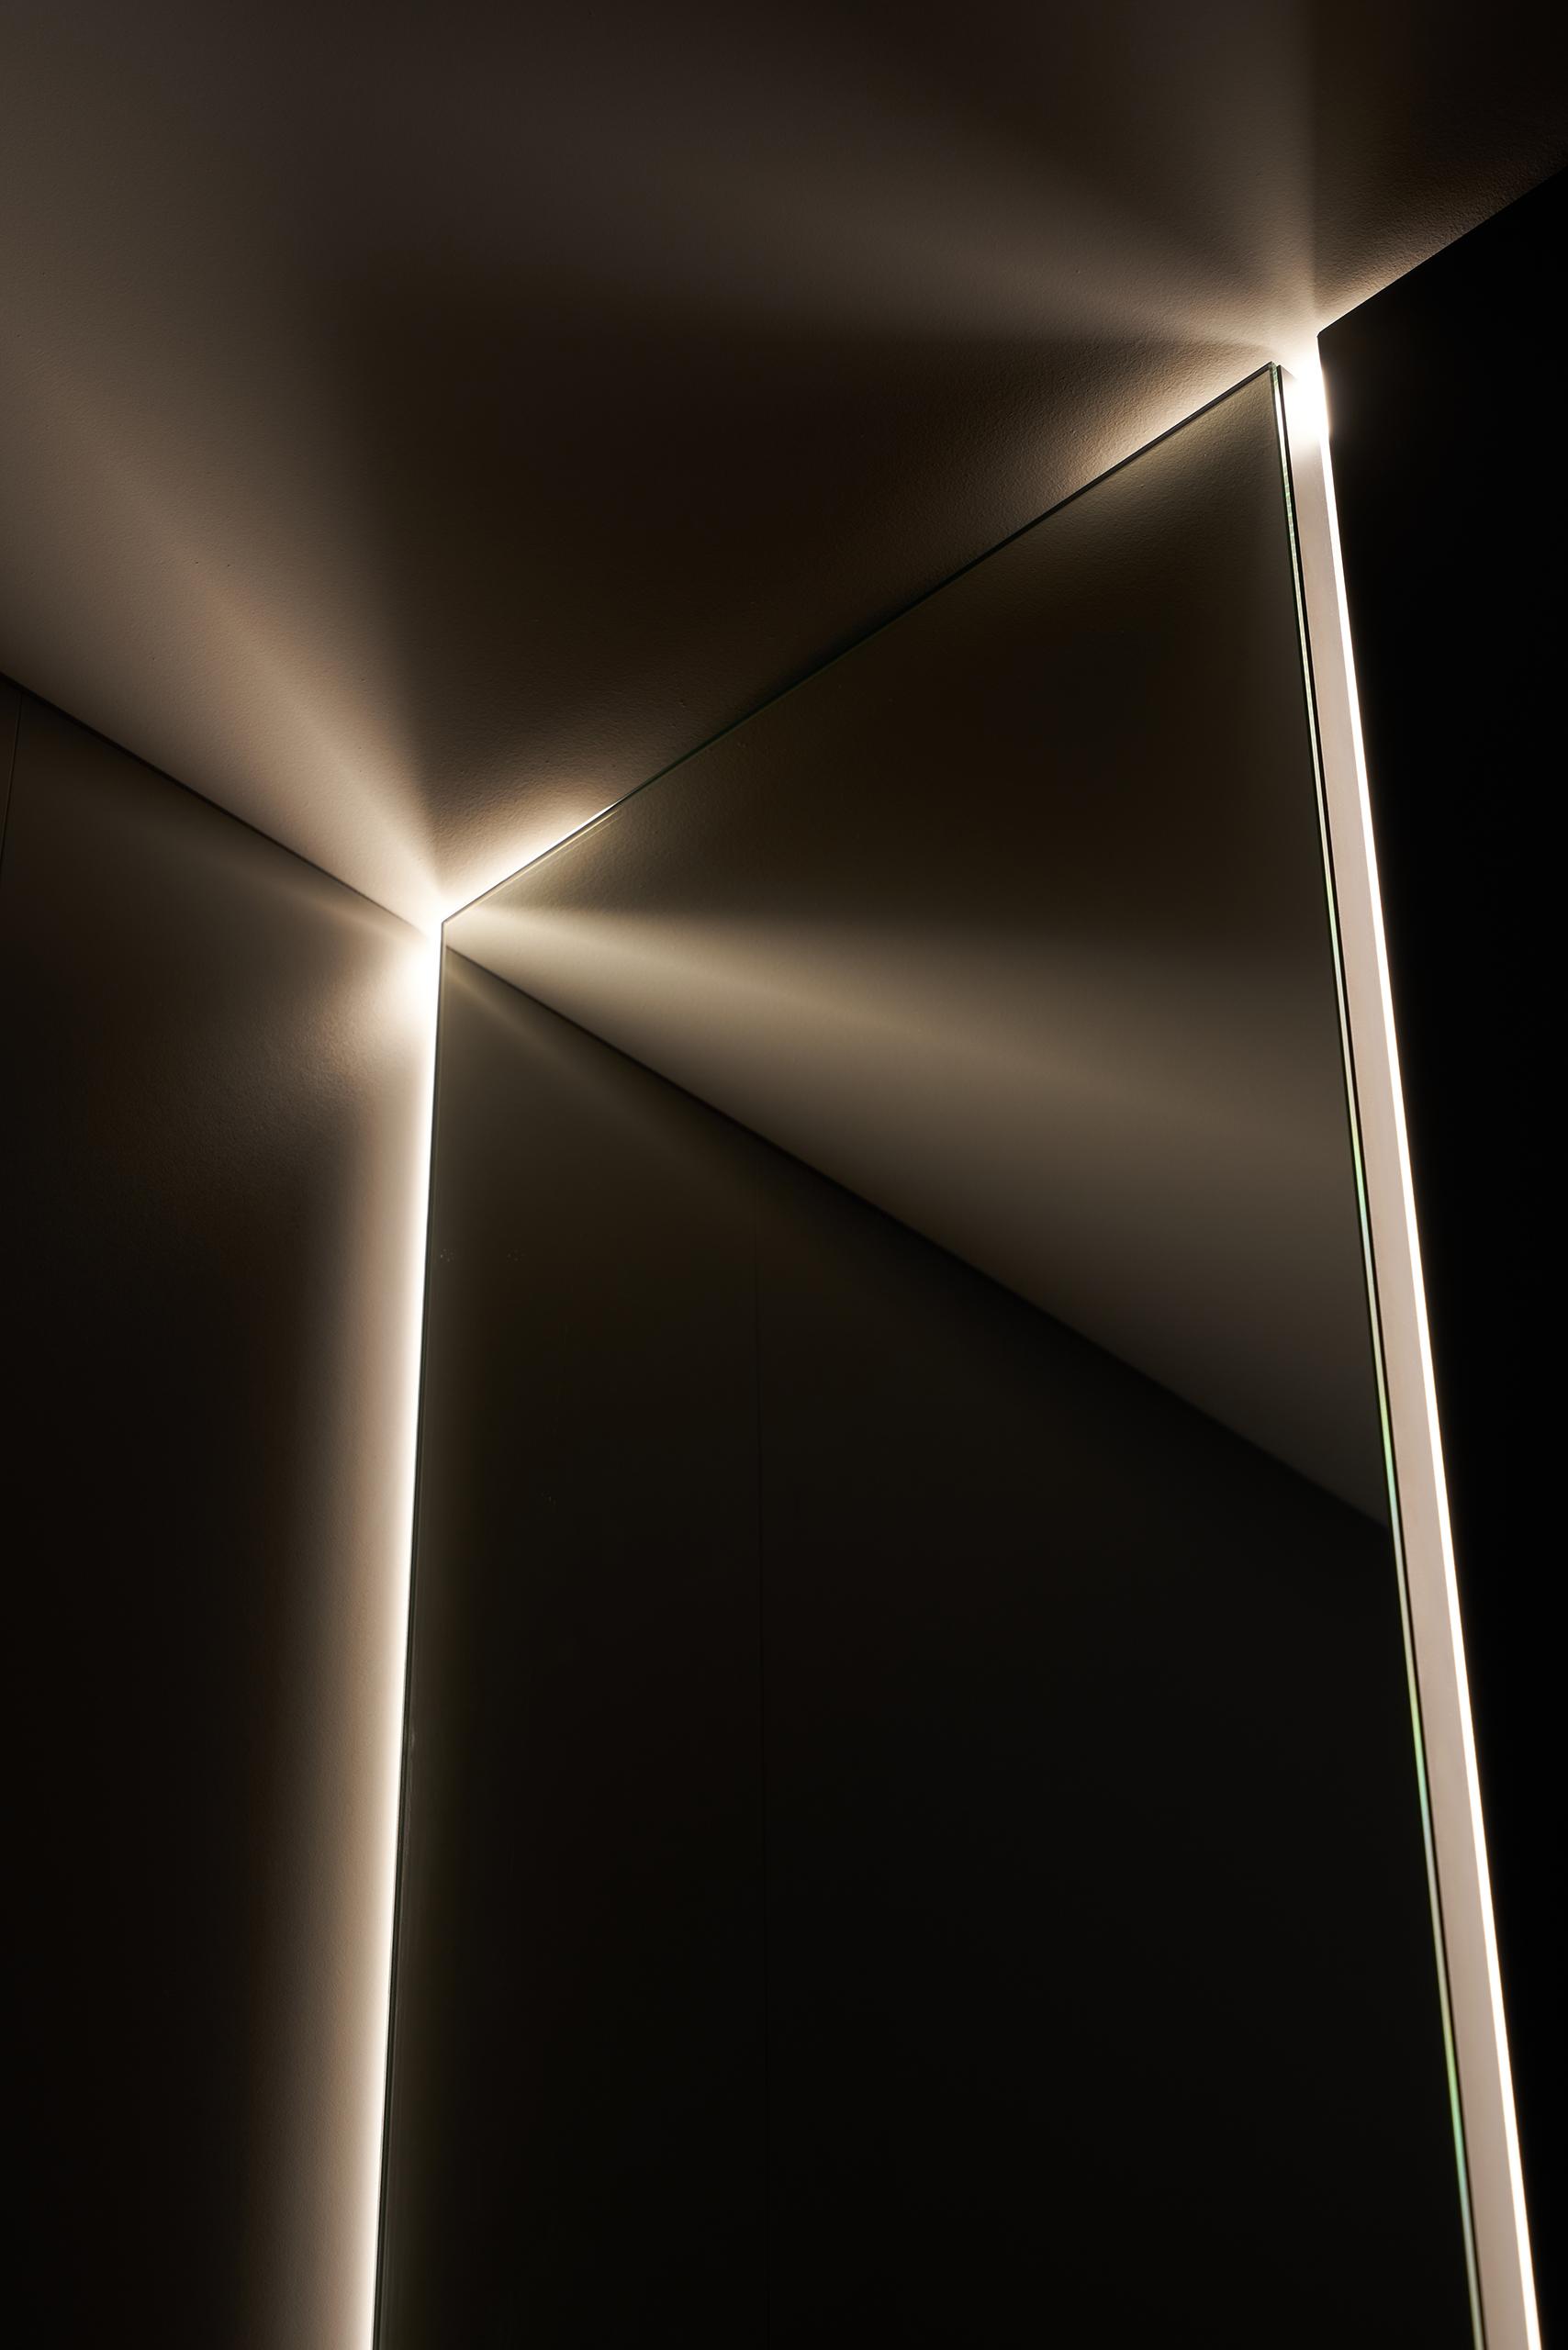 Фотосъемка интерьера прихожей с красивым зеркалом